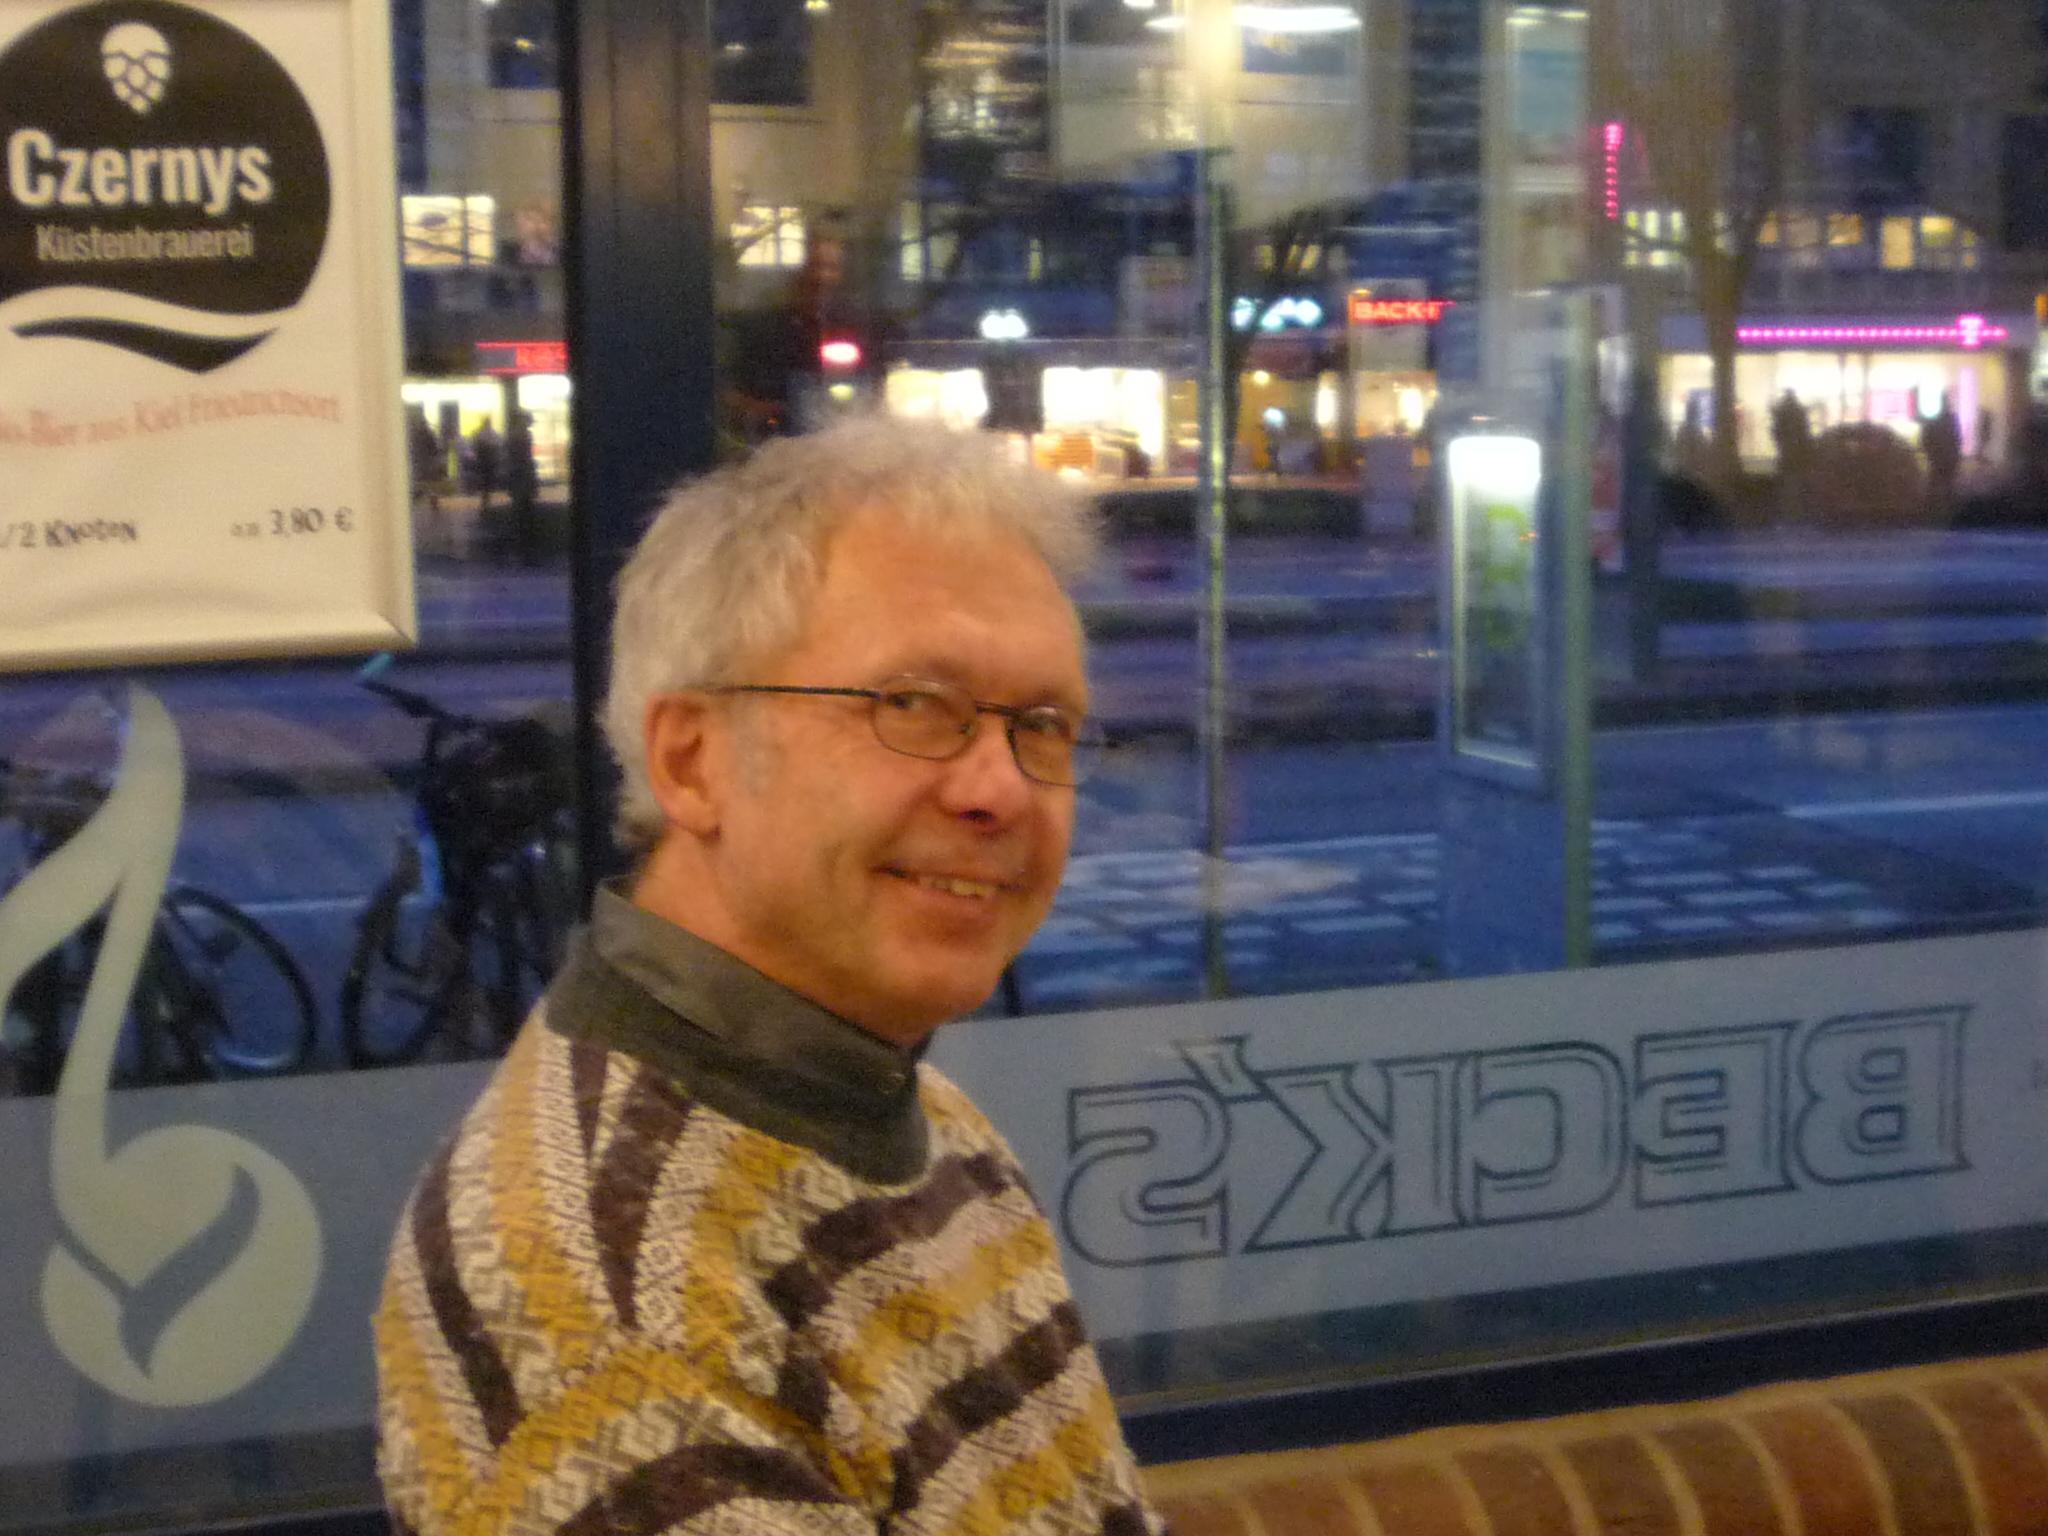 Ulrich Hühn engagiert sich für das bedingungslose Grundeinkommen.